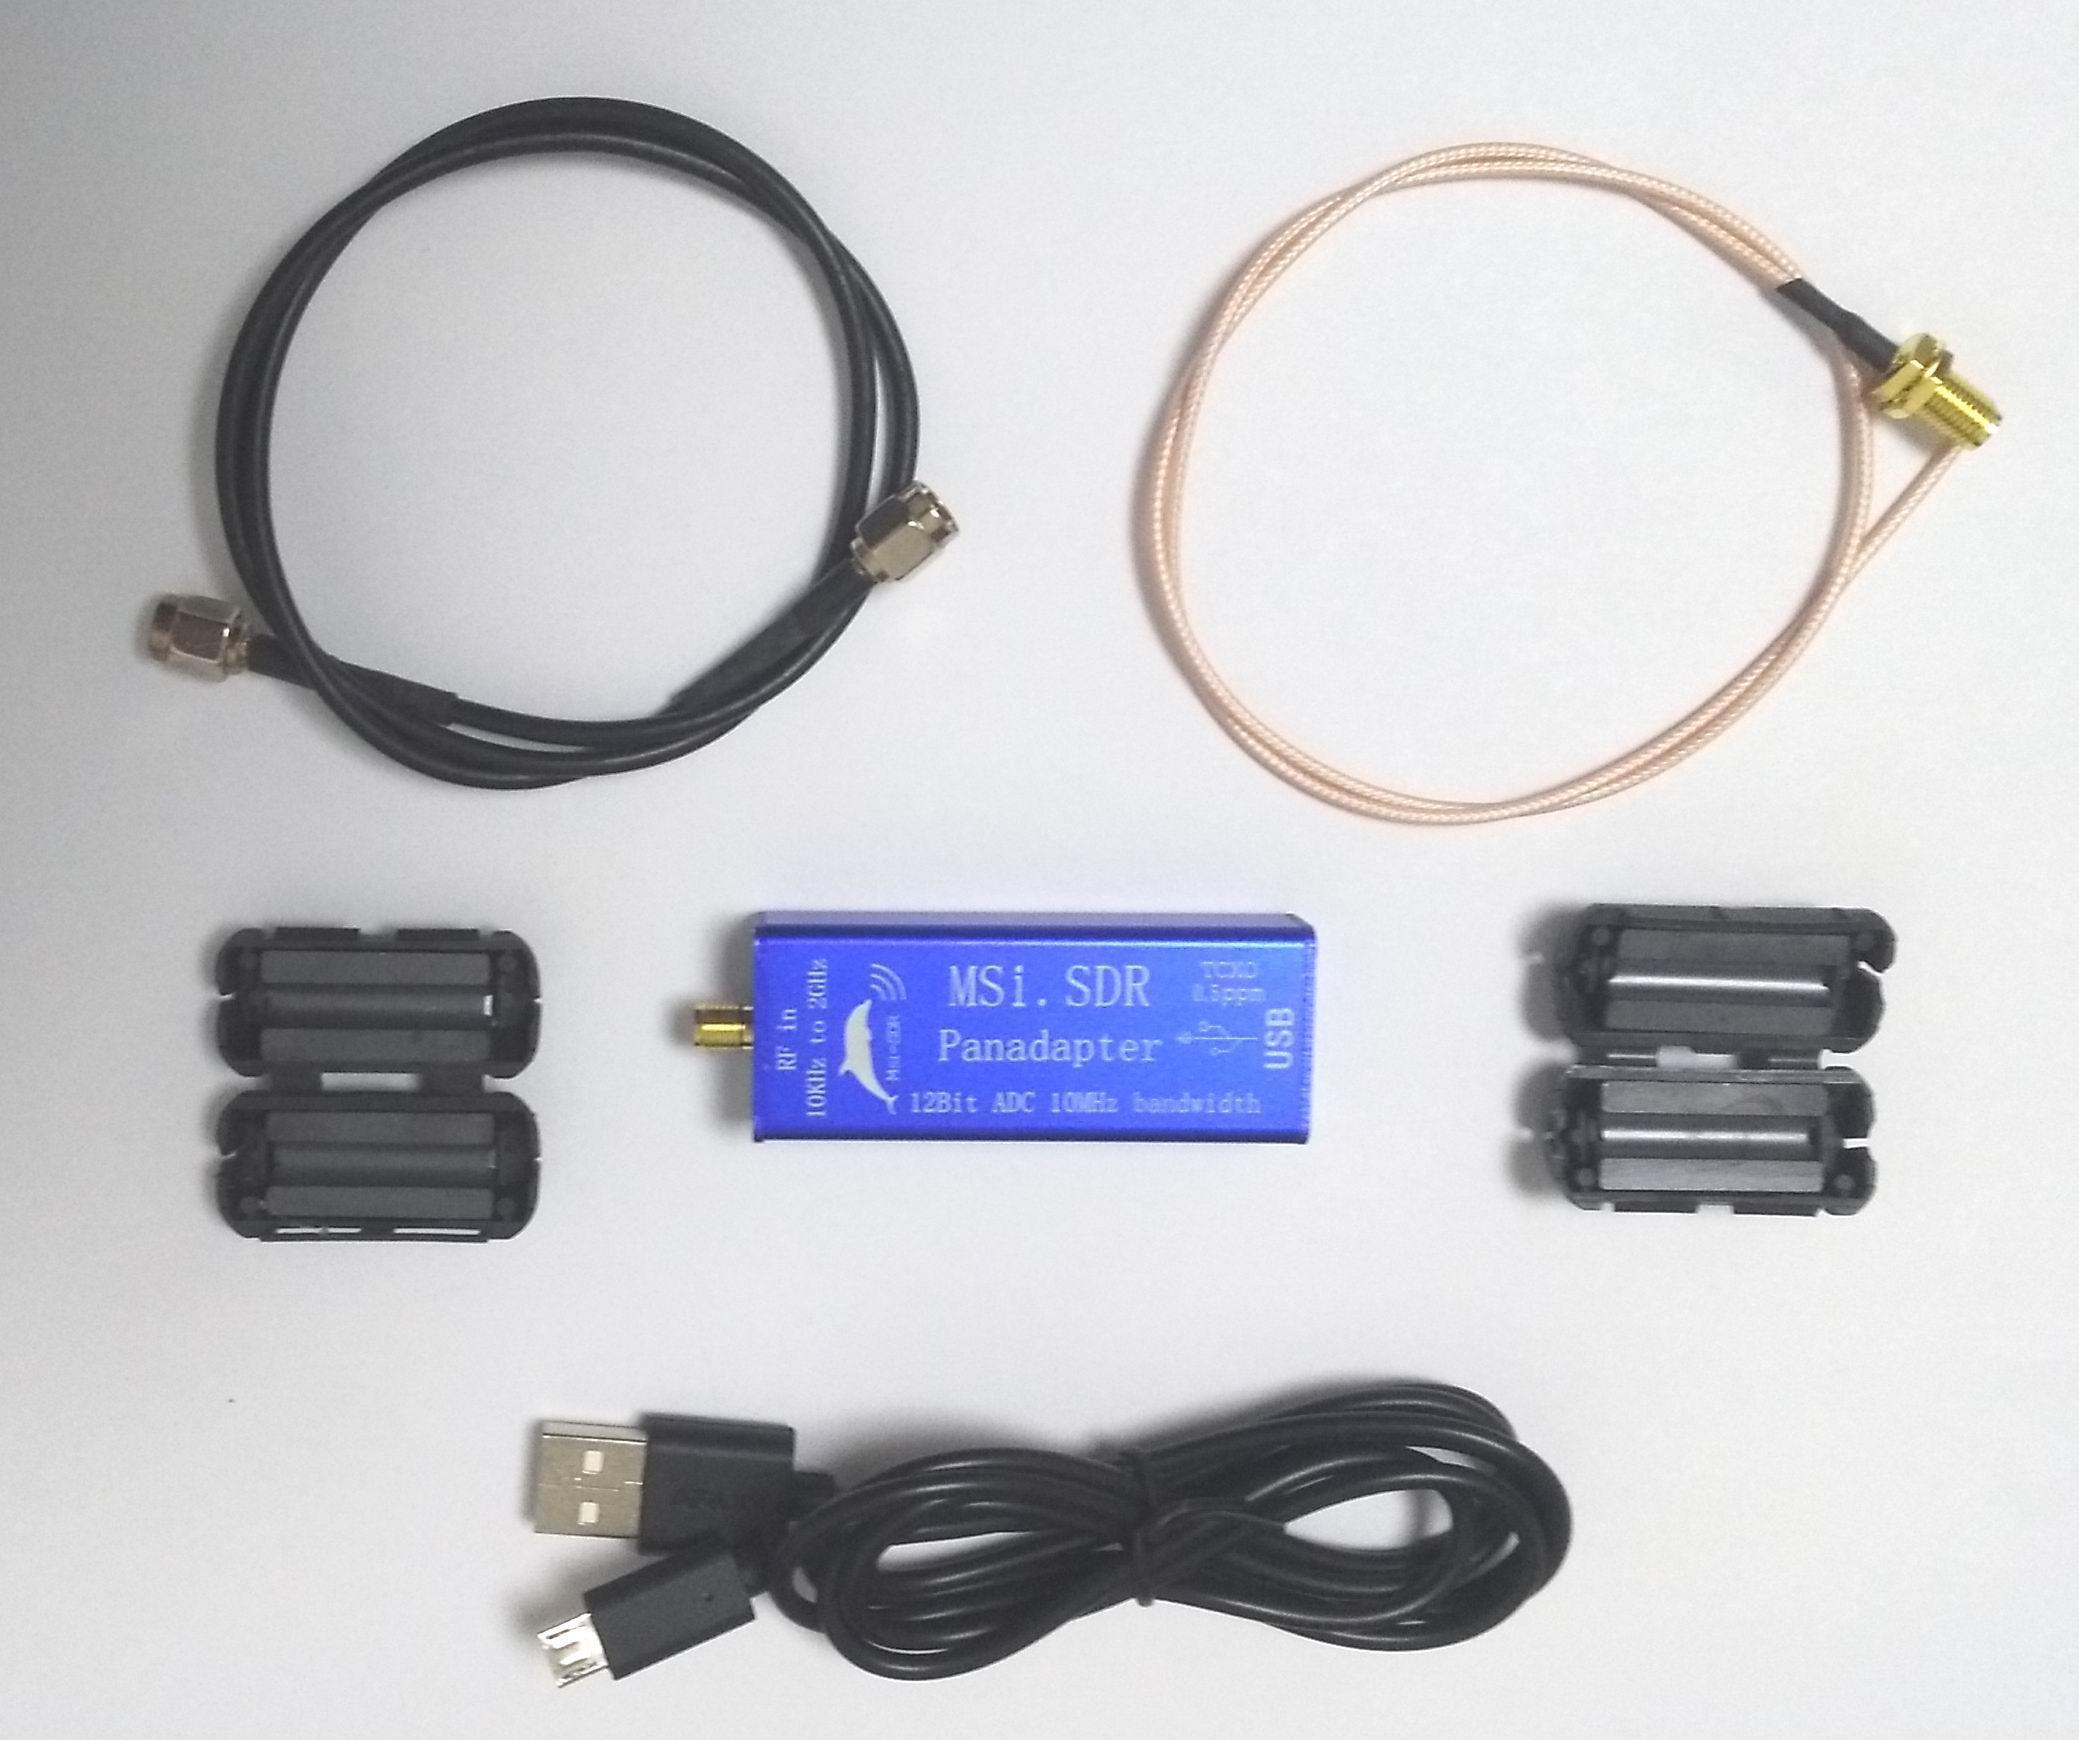 مجموعة وحدة الطيف البانورامي الأحدث من 10 كيلو هرتز إلى 2 جيجا هرتز VHF UHF LF HF متوافقة مع RSP1 TCXO 0.5ppm